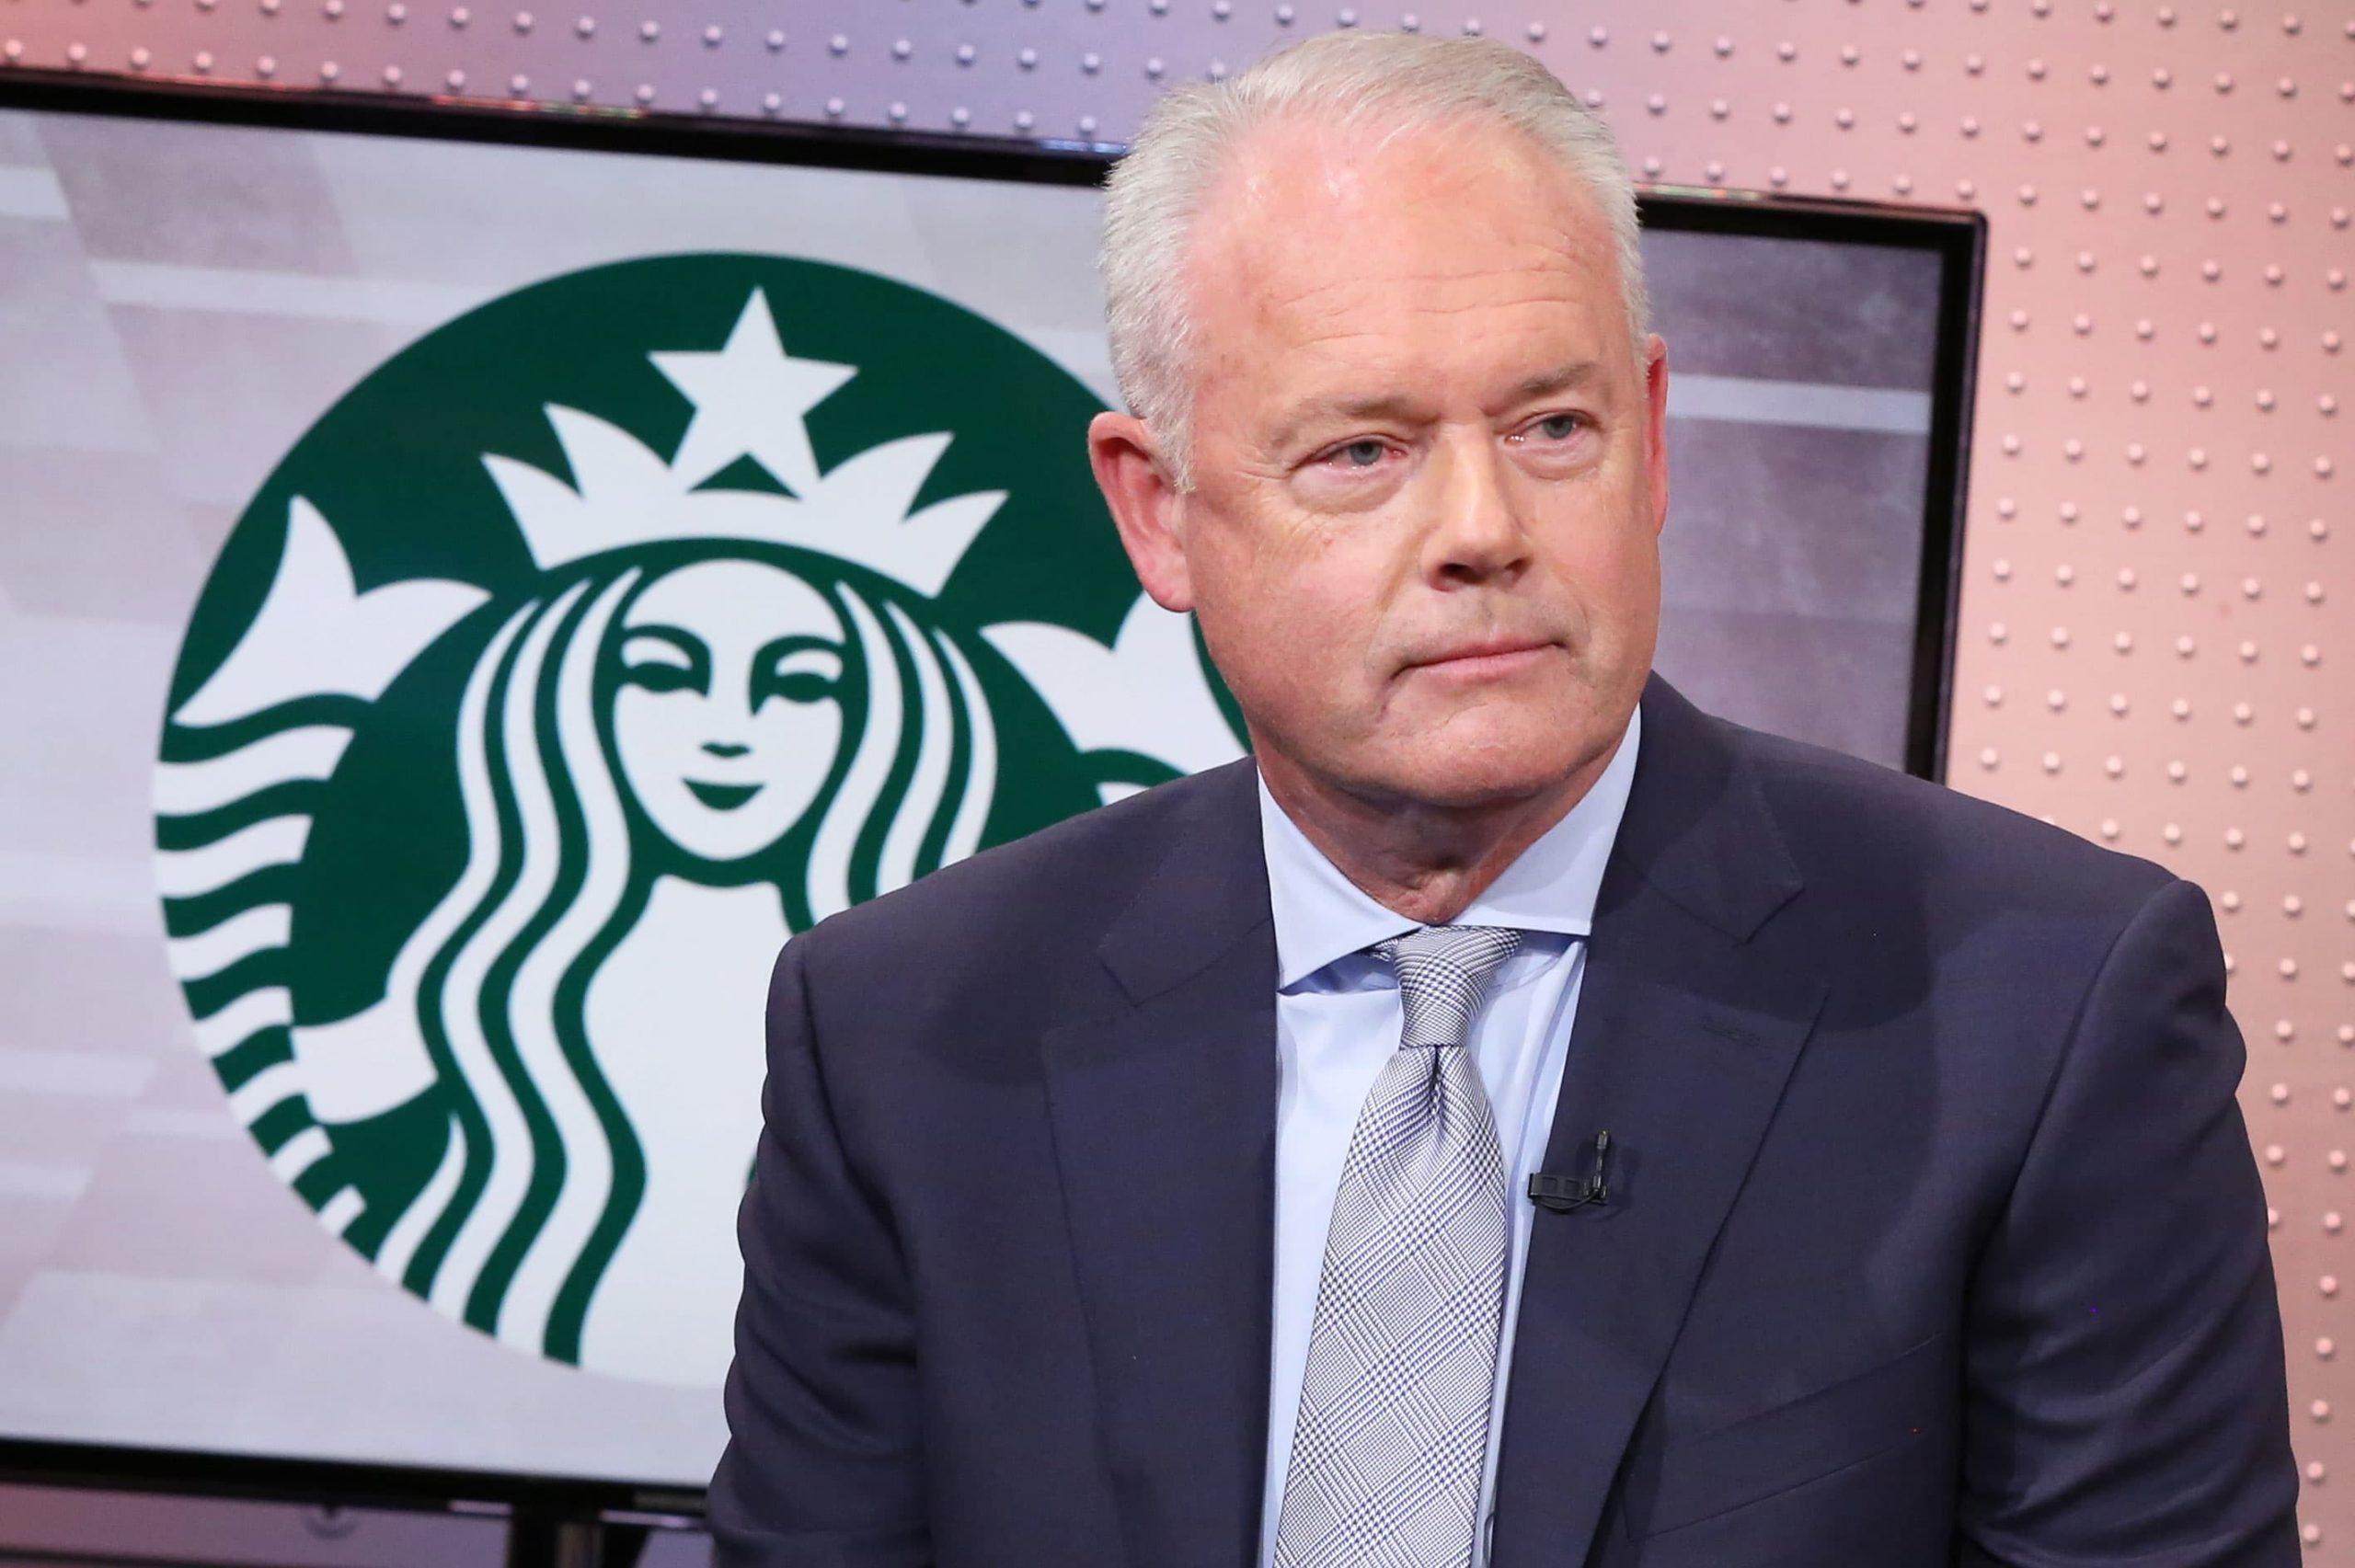 Starbucks (SBUX) highest estimates of first-quarter 2021 earnings